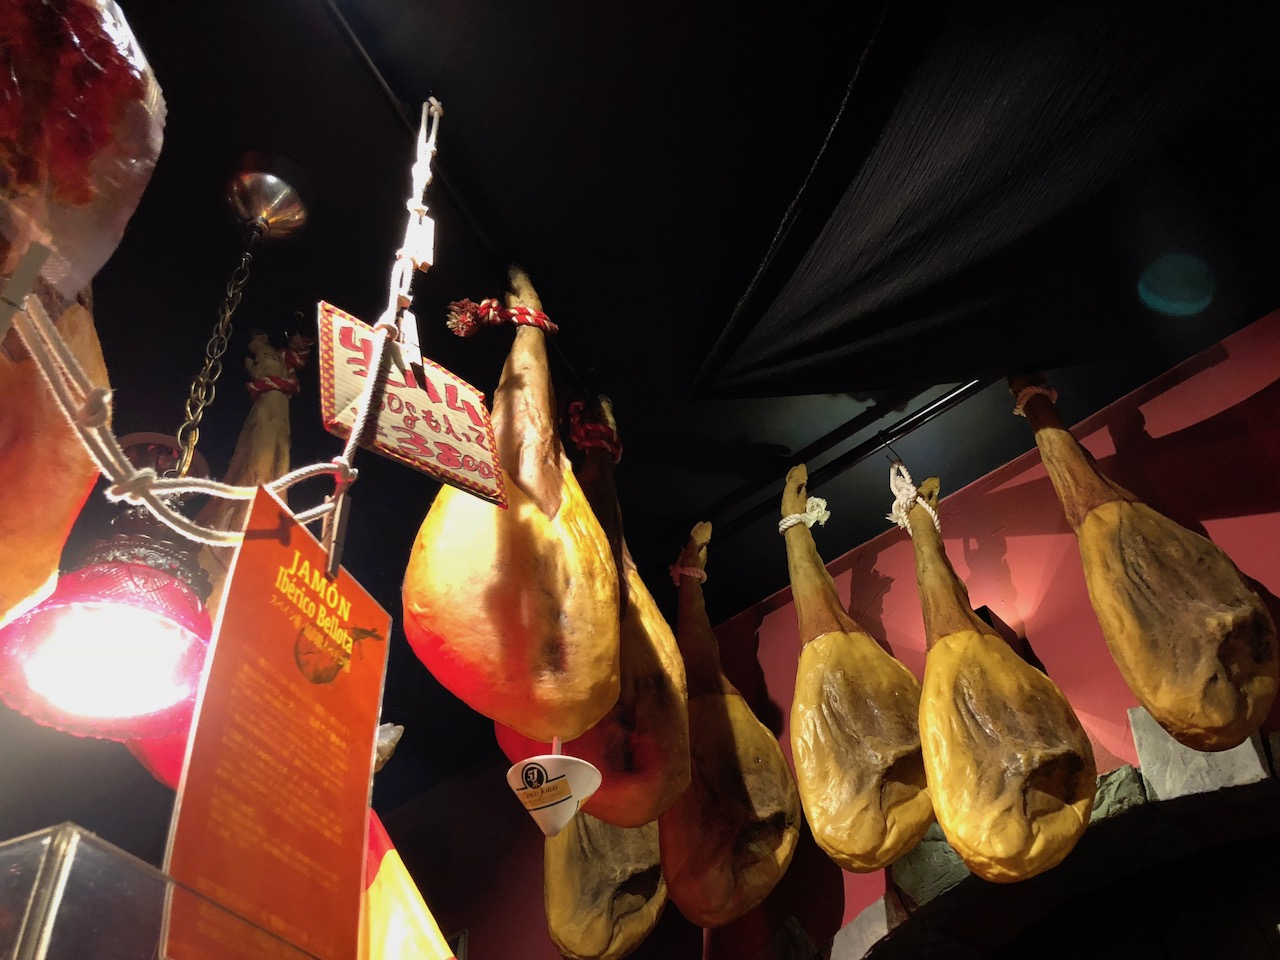 姫路駅前でワイン片手にスペイン料理を食べたくなったらBaila(バイラ)へ行こう!